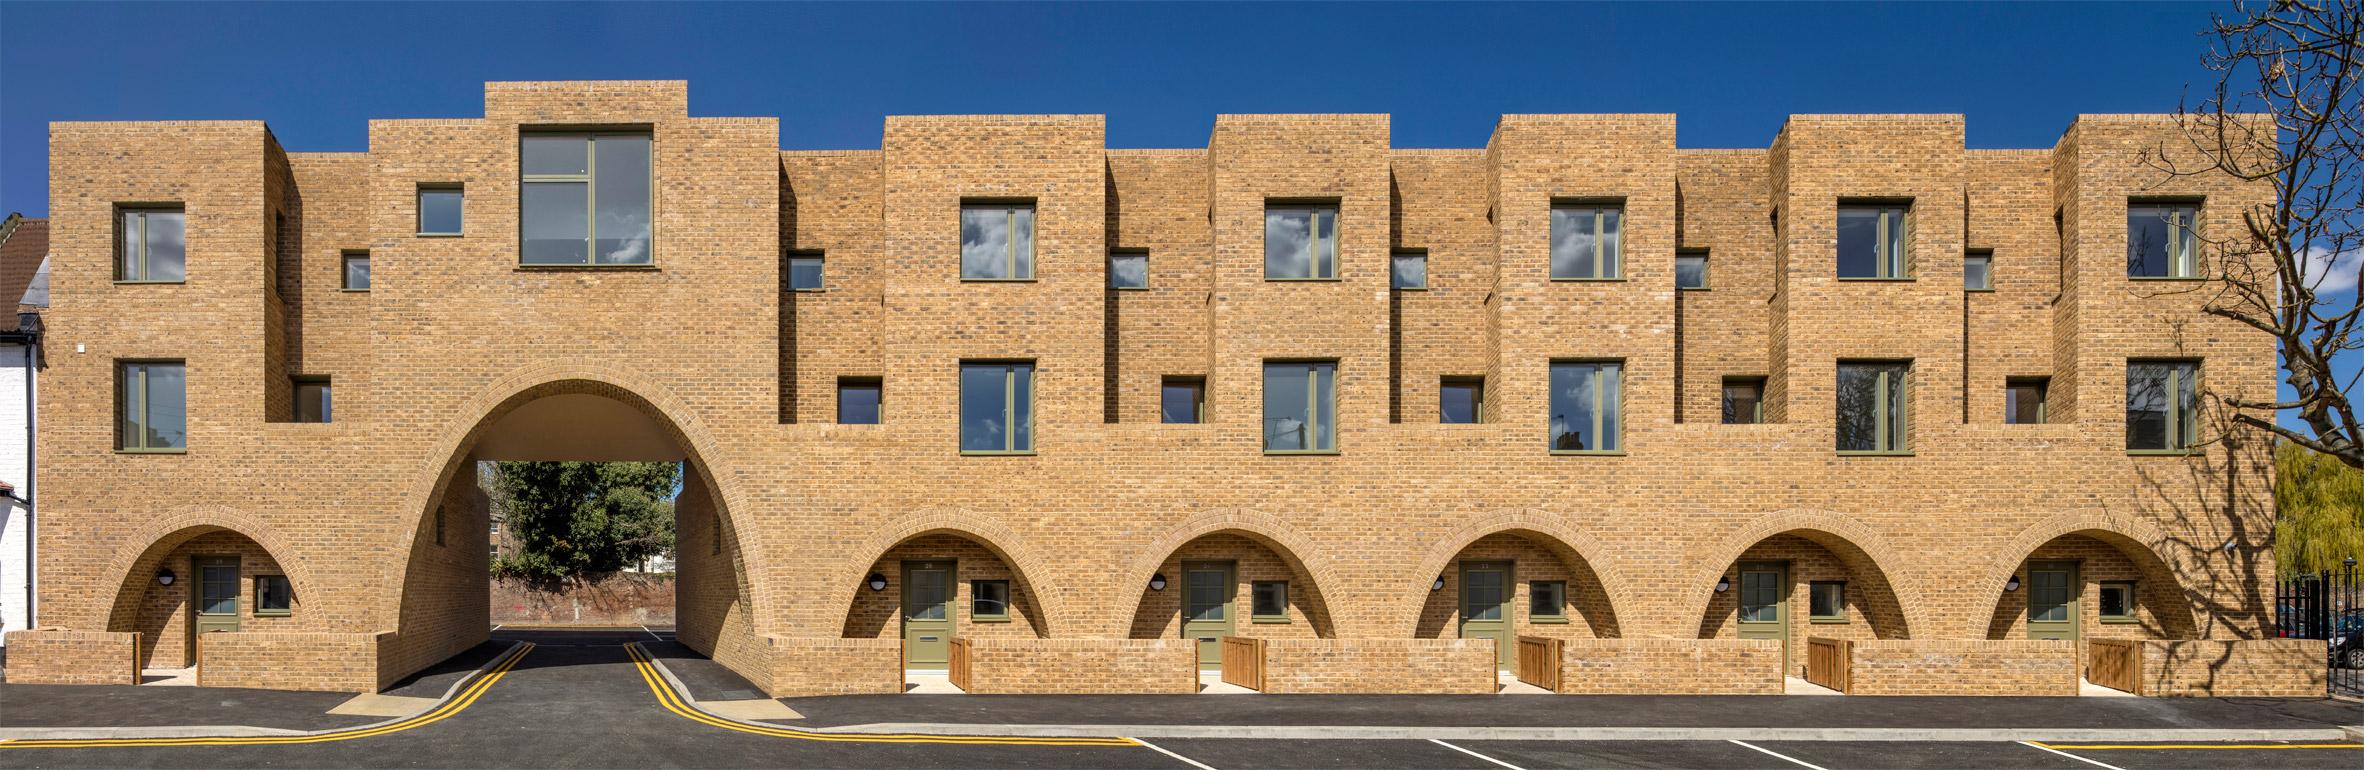 บ้านแถวขนาดย่อมในลอนดอน ไม่ใช่แค่ที่อยู่อาศัยแต่คือการออกแบบวิถีชีวิตของผู้ใช้งาน